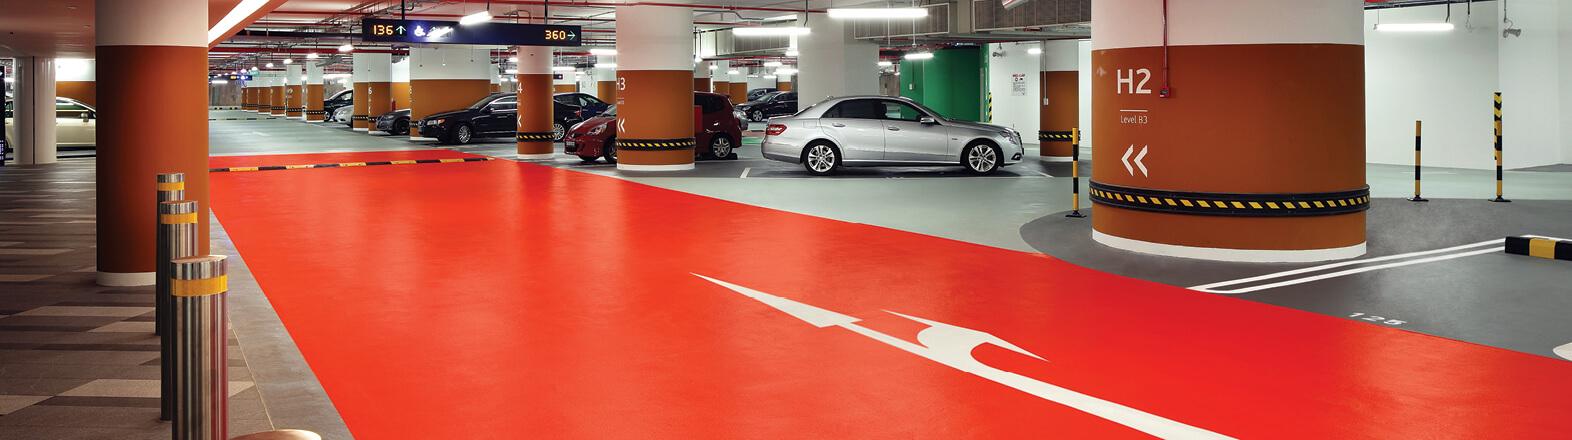 amer-parking-deck-coatings-2